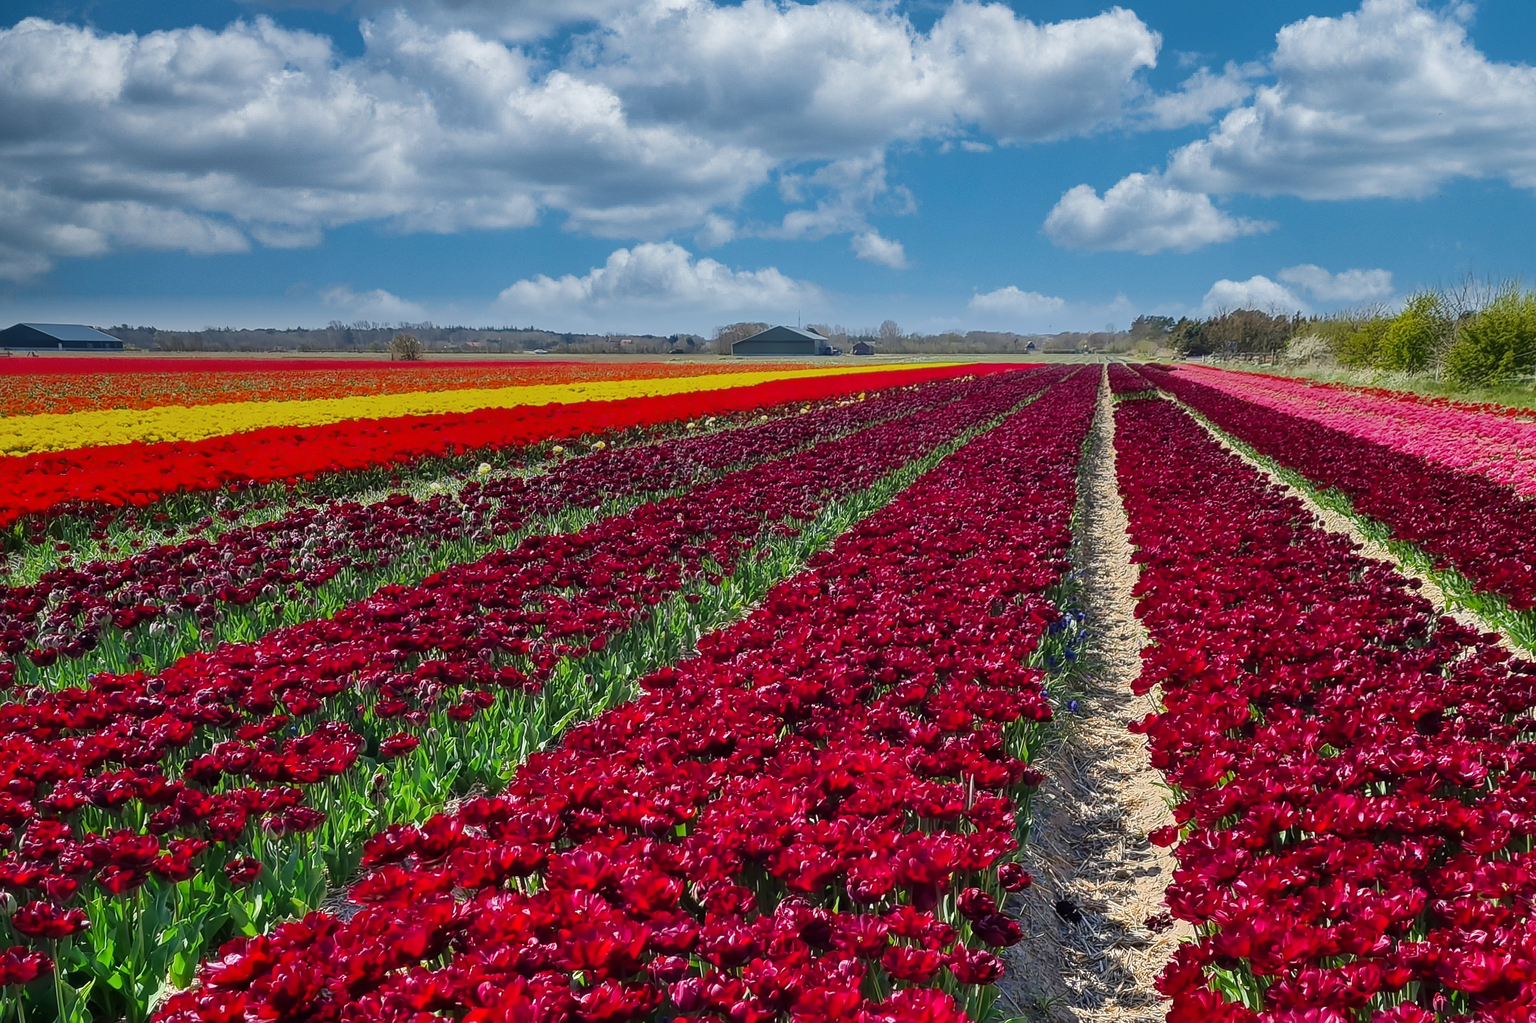 Tulpenvelden - Een dag voor het koppen... Bewerkt in Lumina.  Samsung S20 plus telefoon. - foto door Jolanda555 op 05-05-2021 - locatie: Texel, Nederland - deze foto bevat: bloem, wolk, lucht, fabriek, bloemblaadje, natuurlijk landschap, landbouw, bodembedekker, bloeiende plant, landschap